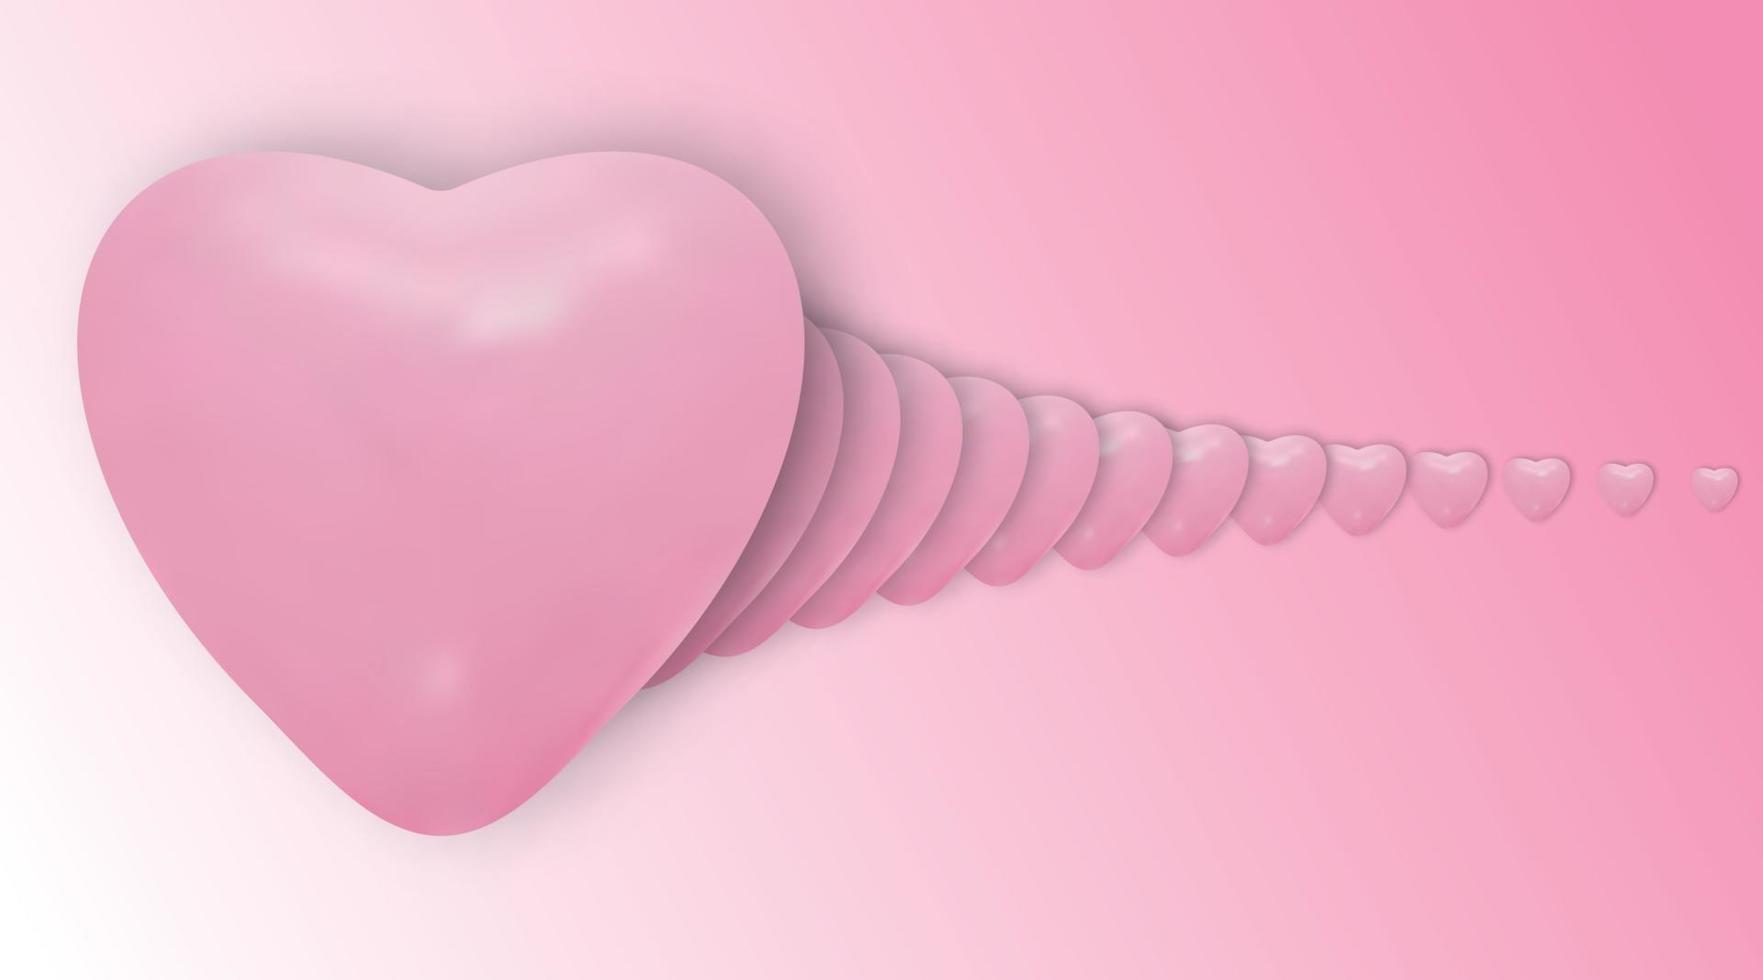 fond de vecteur de Saint Valentin. illustration vectorielle de ballons de conception 3d coeurs roses qui se chevauchent